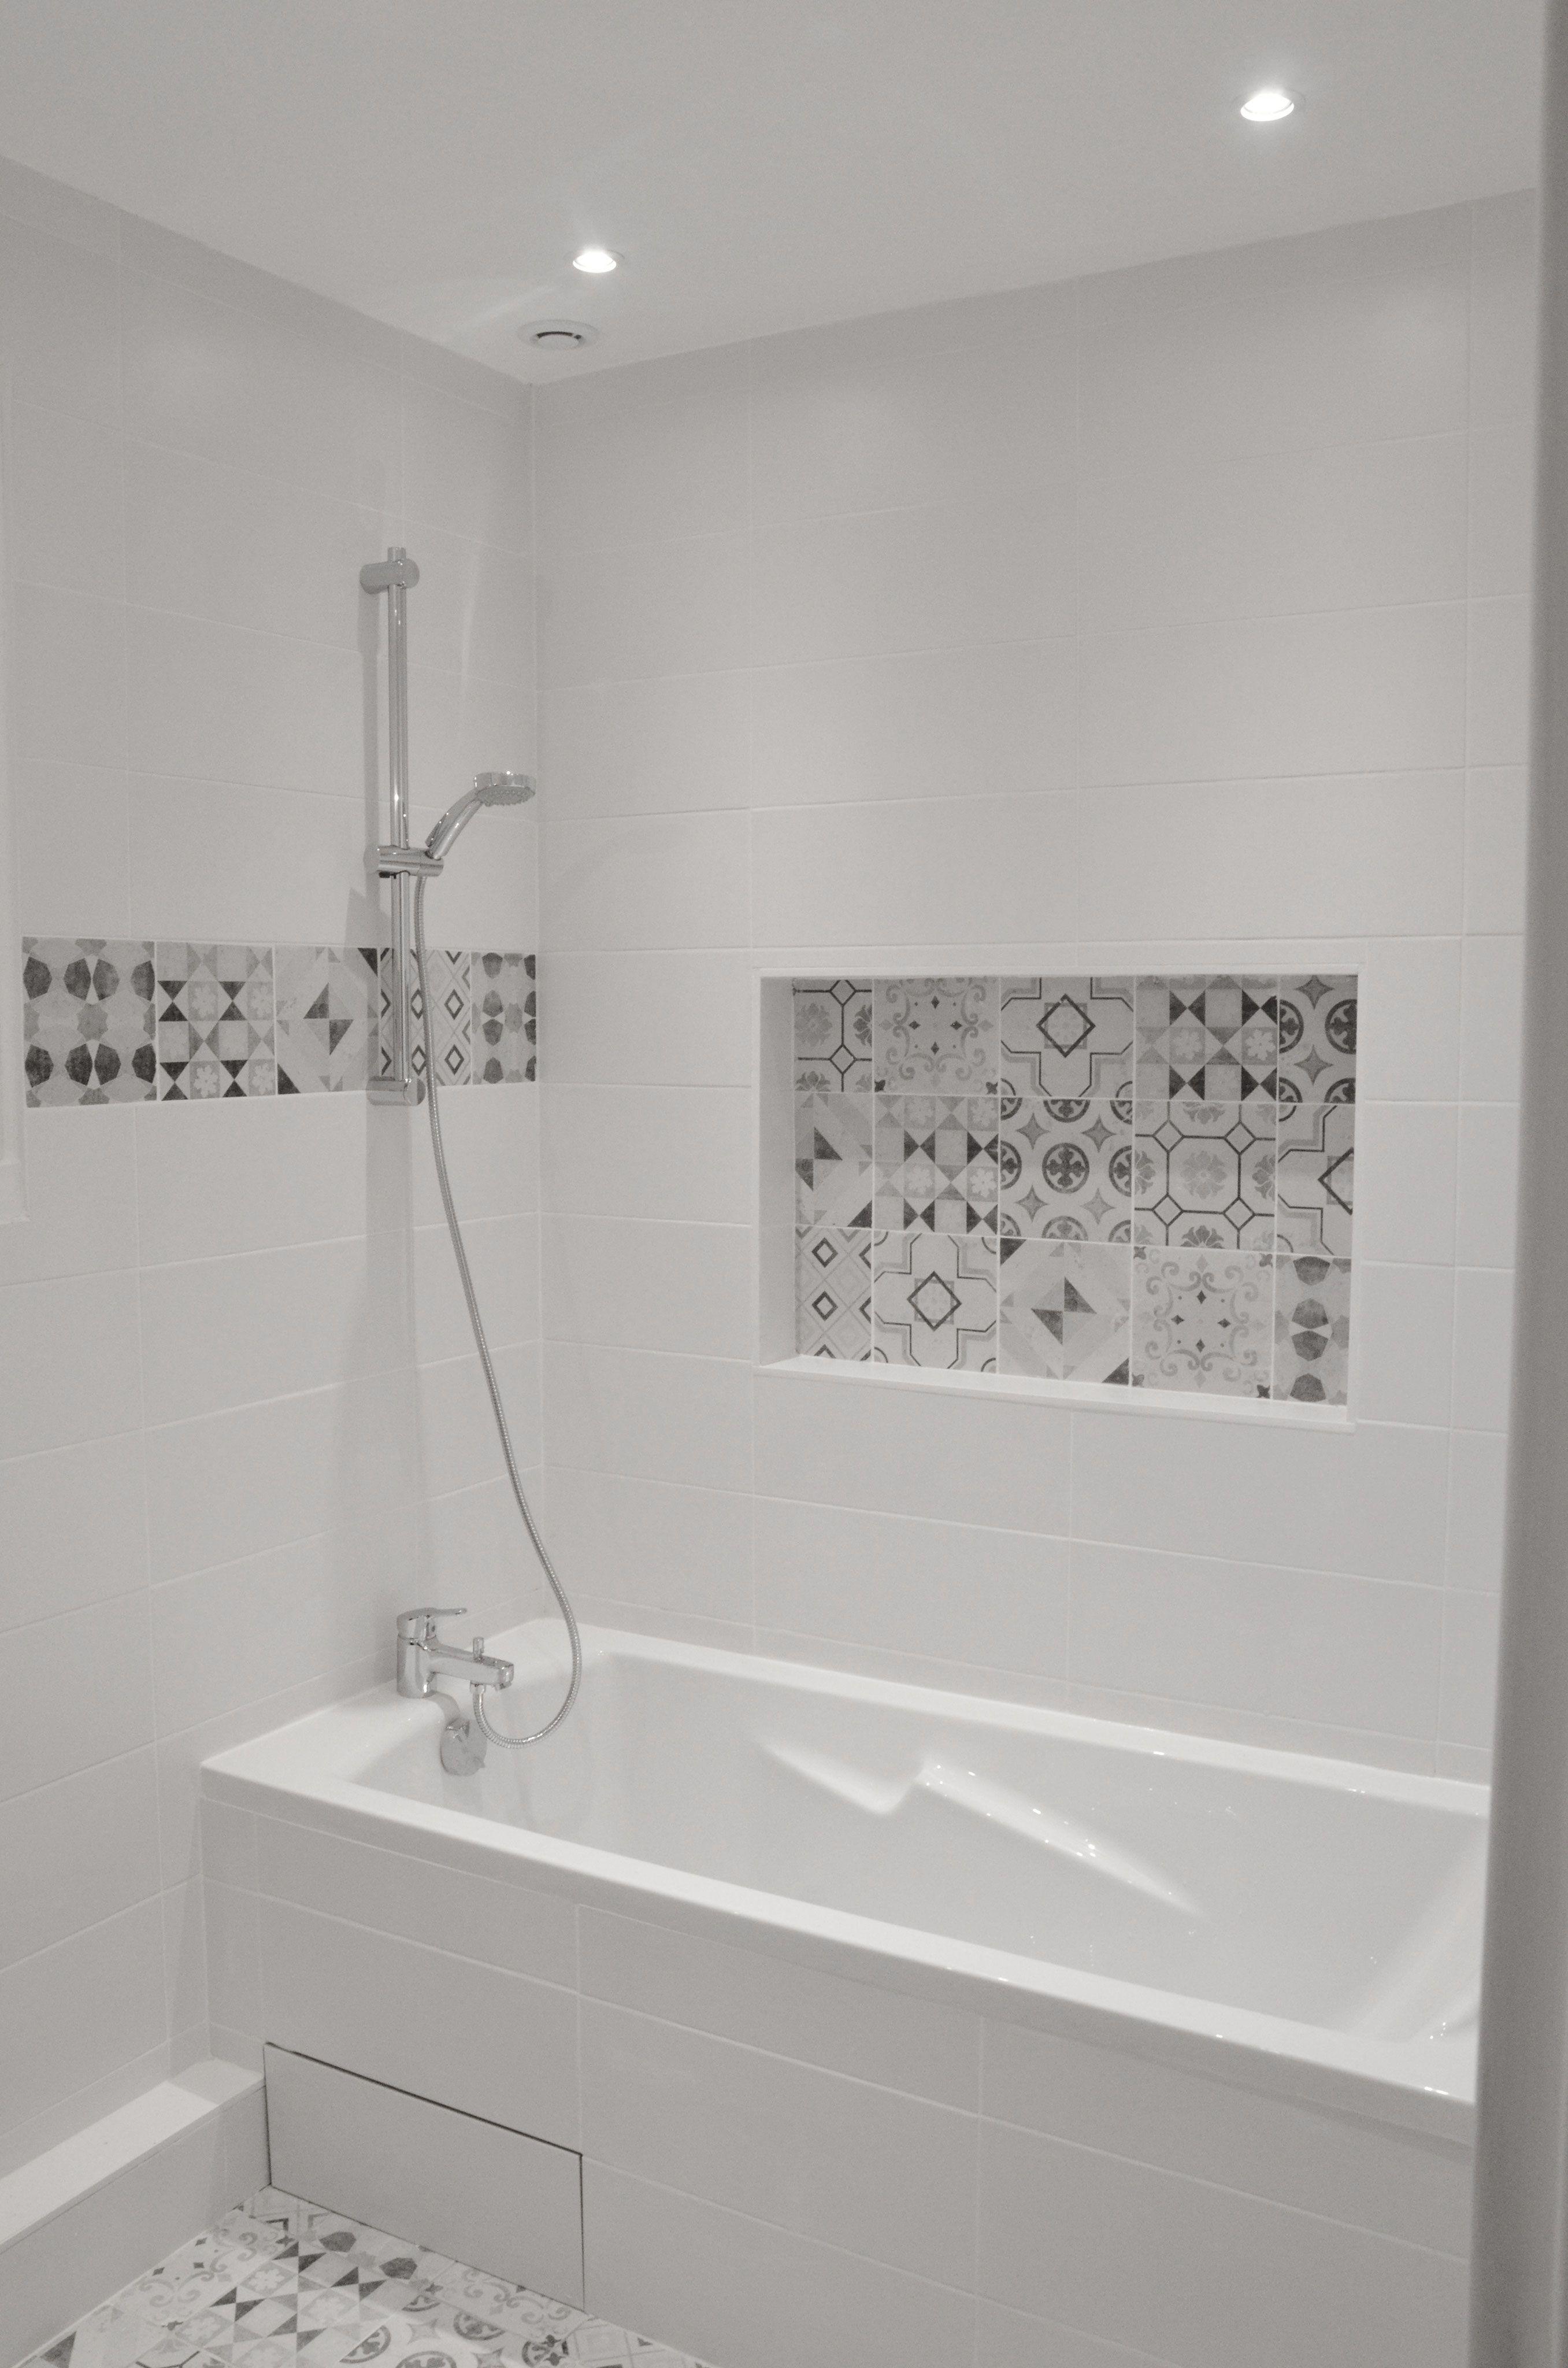 Carrelage Salle De Bain Gris Clair salle bains claire, lumineuse. carreaux de ciment et niche